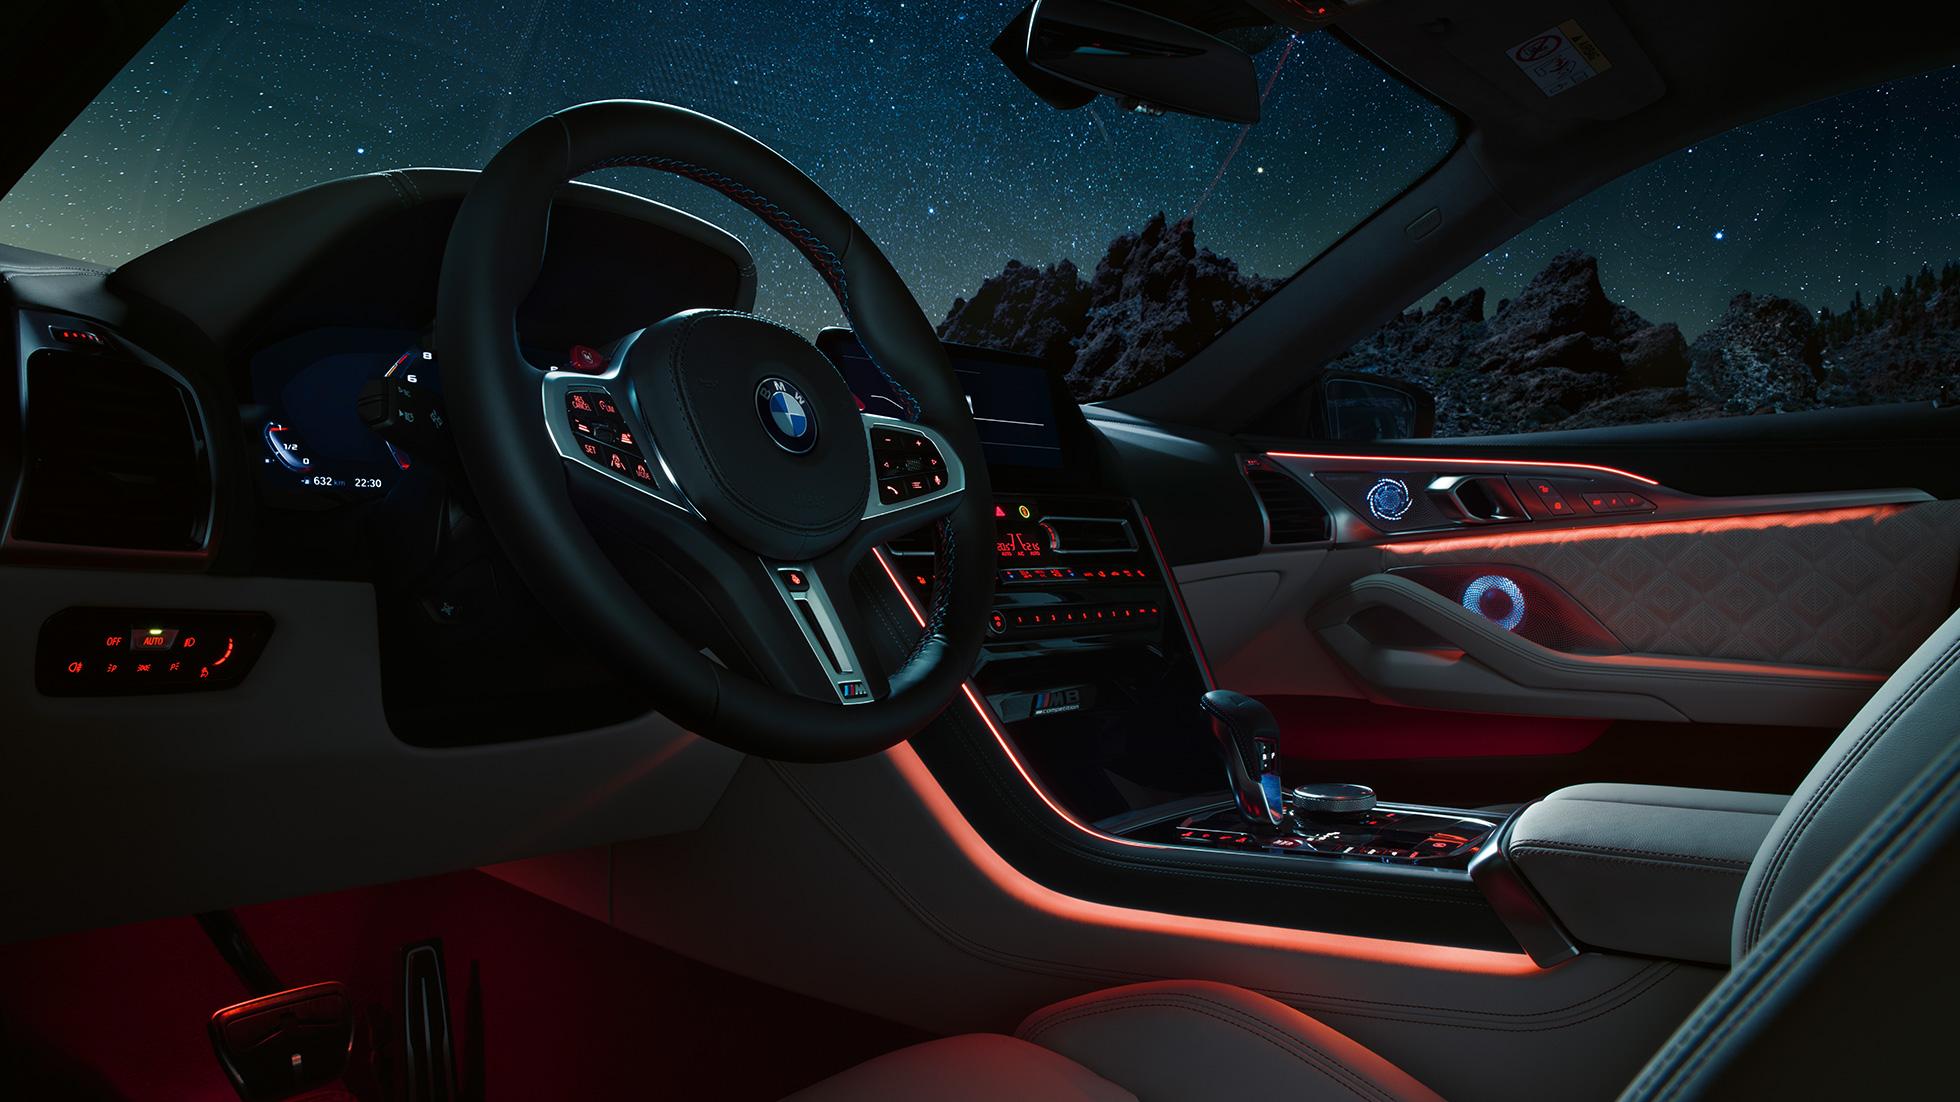 Bmw 8er Gran Coupe M Automobile Modelle Technische Daten Preise Bmw De